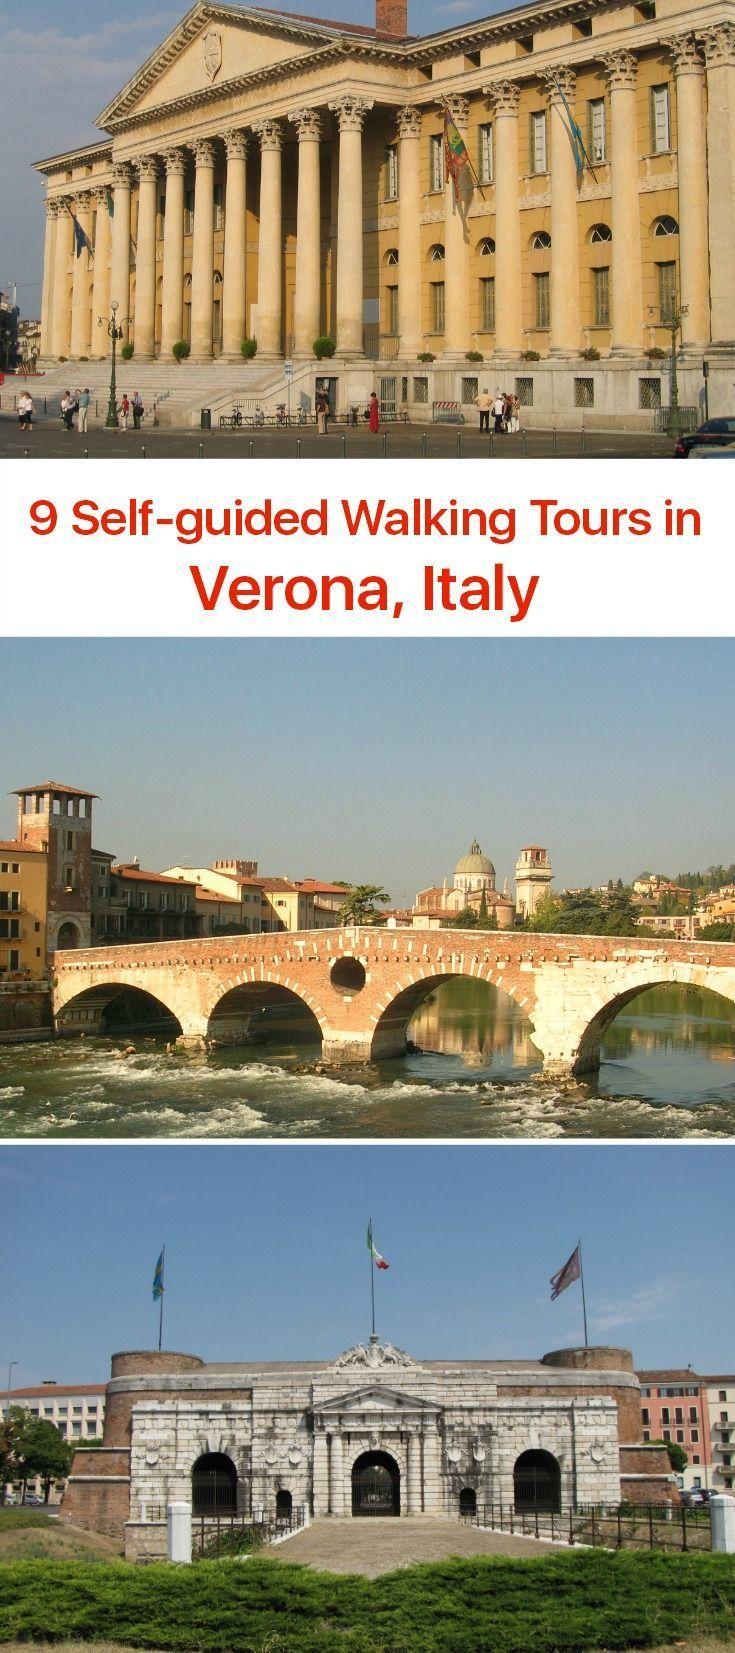 Les ateliers De Verone Beau Image Les 382 Meilleures Images Du Tableau Verona Italy Sur Pinterest